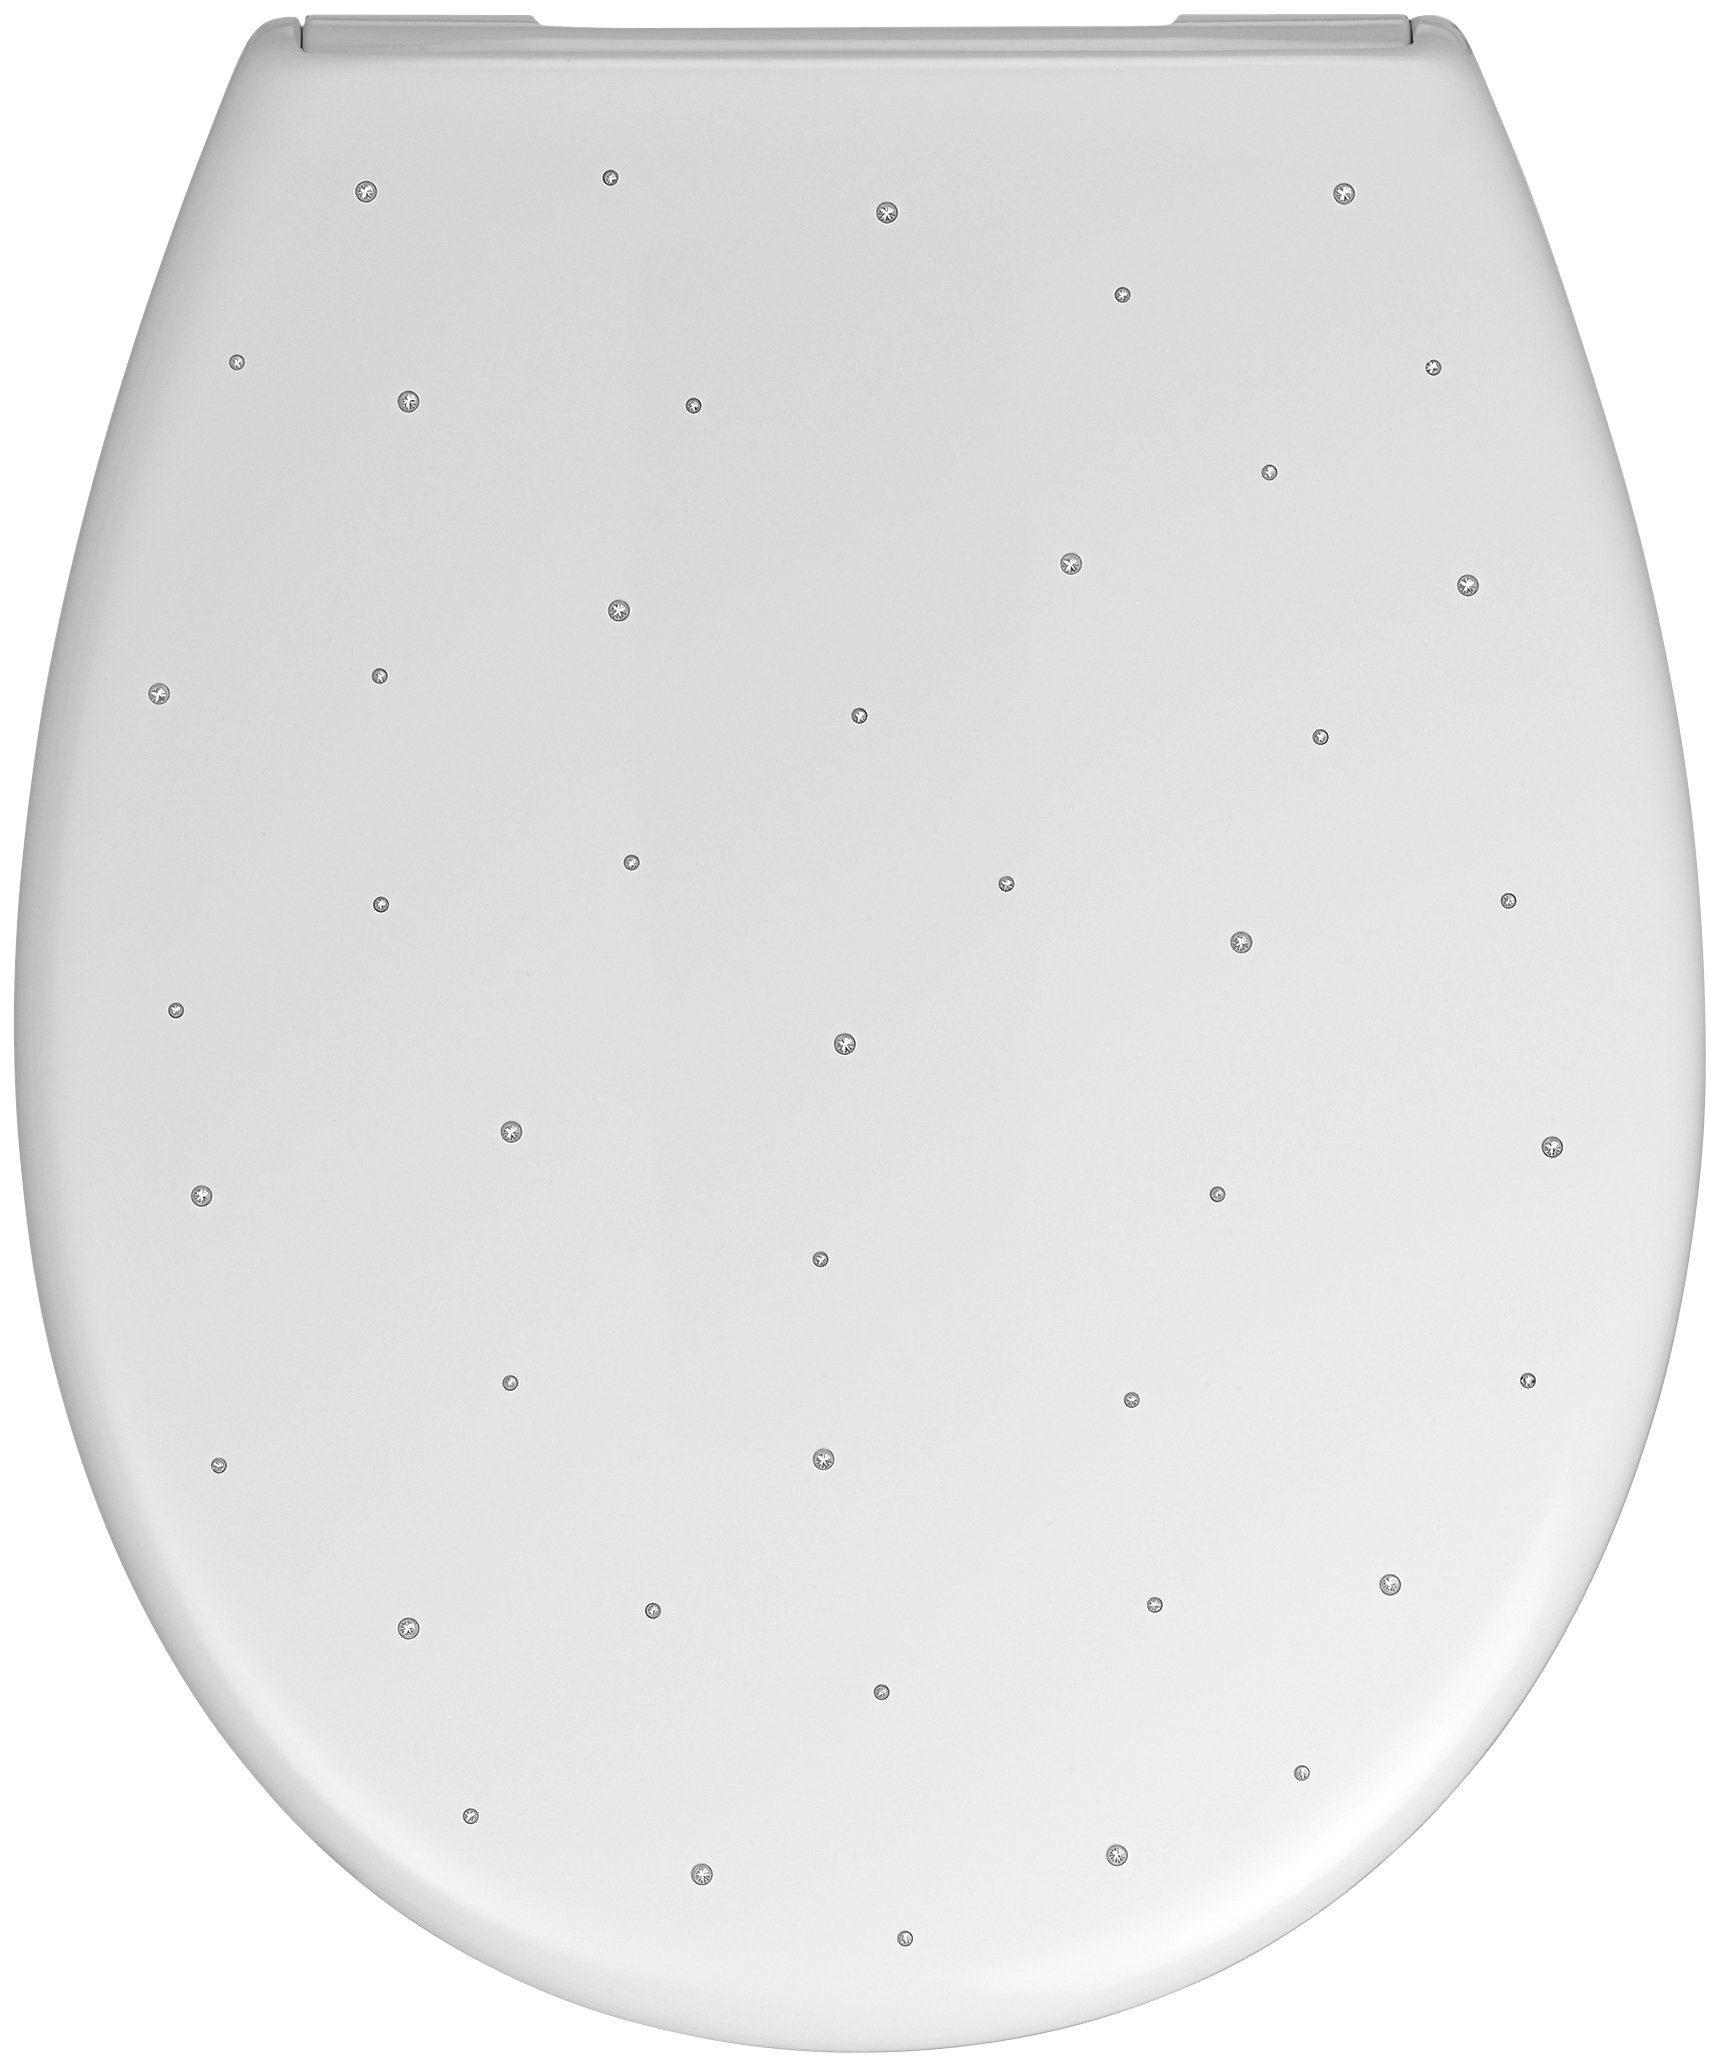 WC-Sitz »Spiazzo Swarovski«, Mit Absenkautomatik